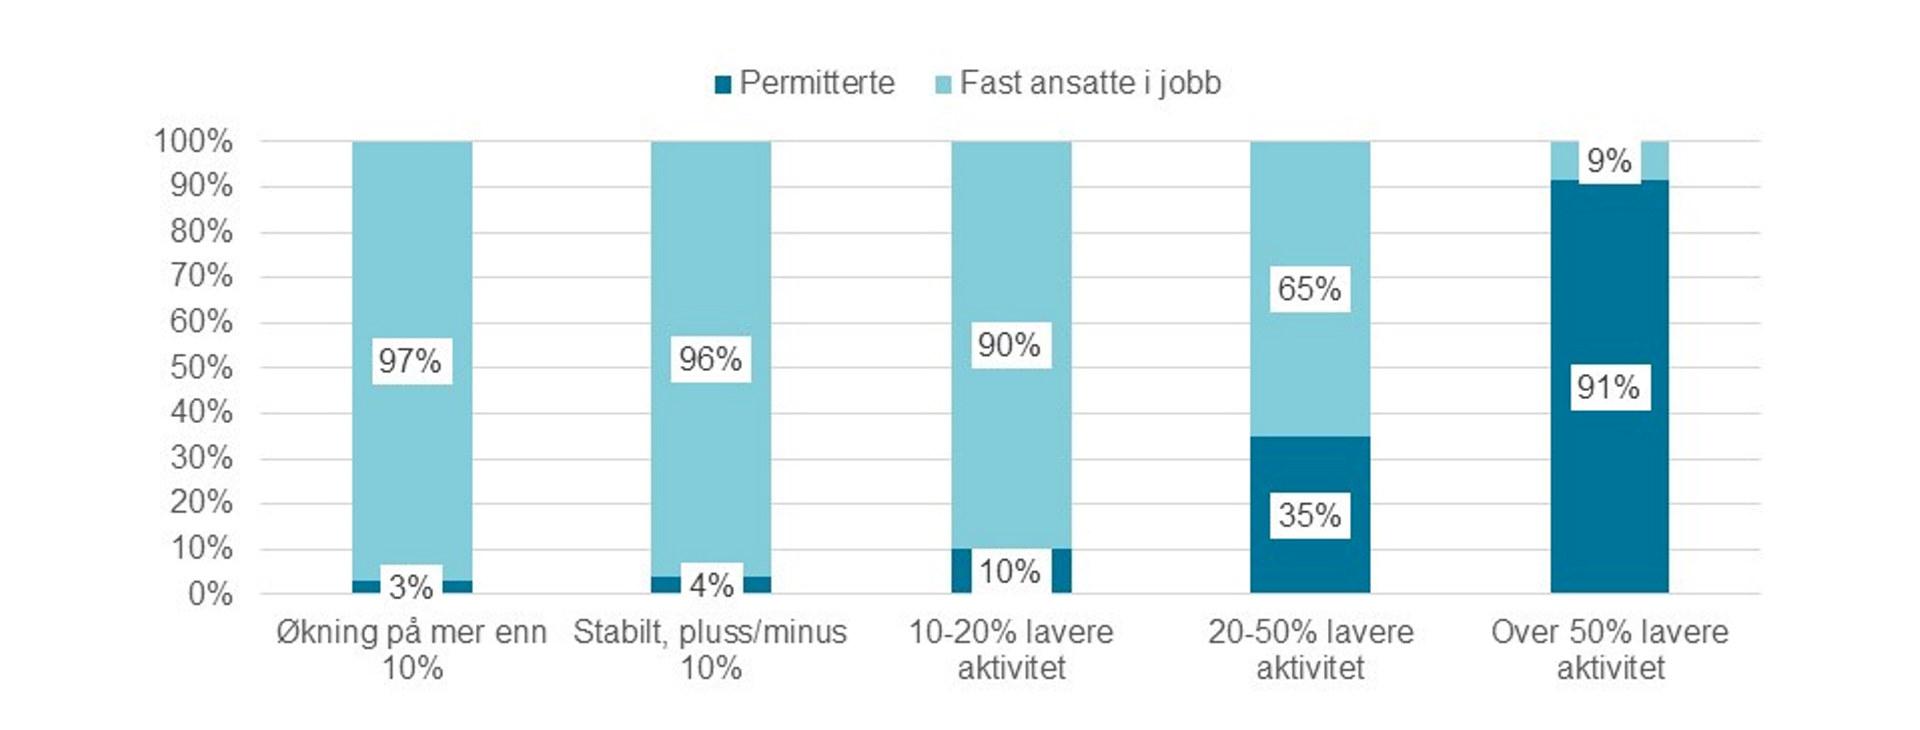 Kilde: Norsk Industris koronaundersøkelse 25.-26. mai 2020